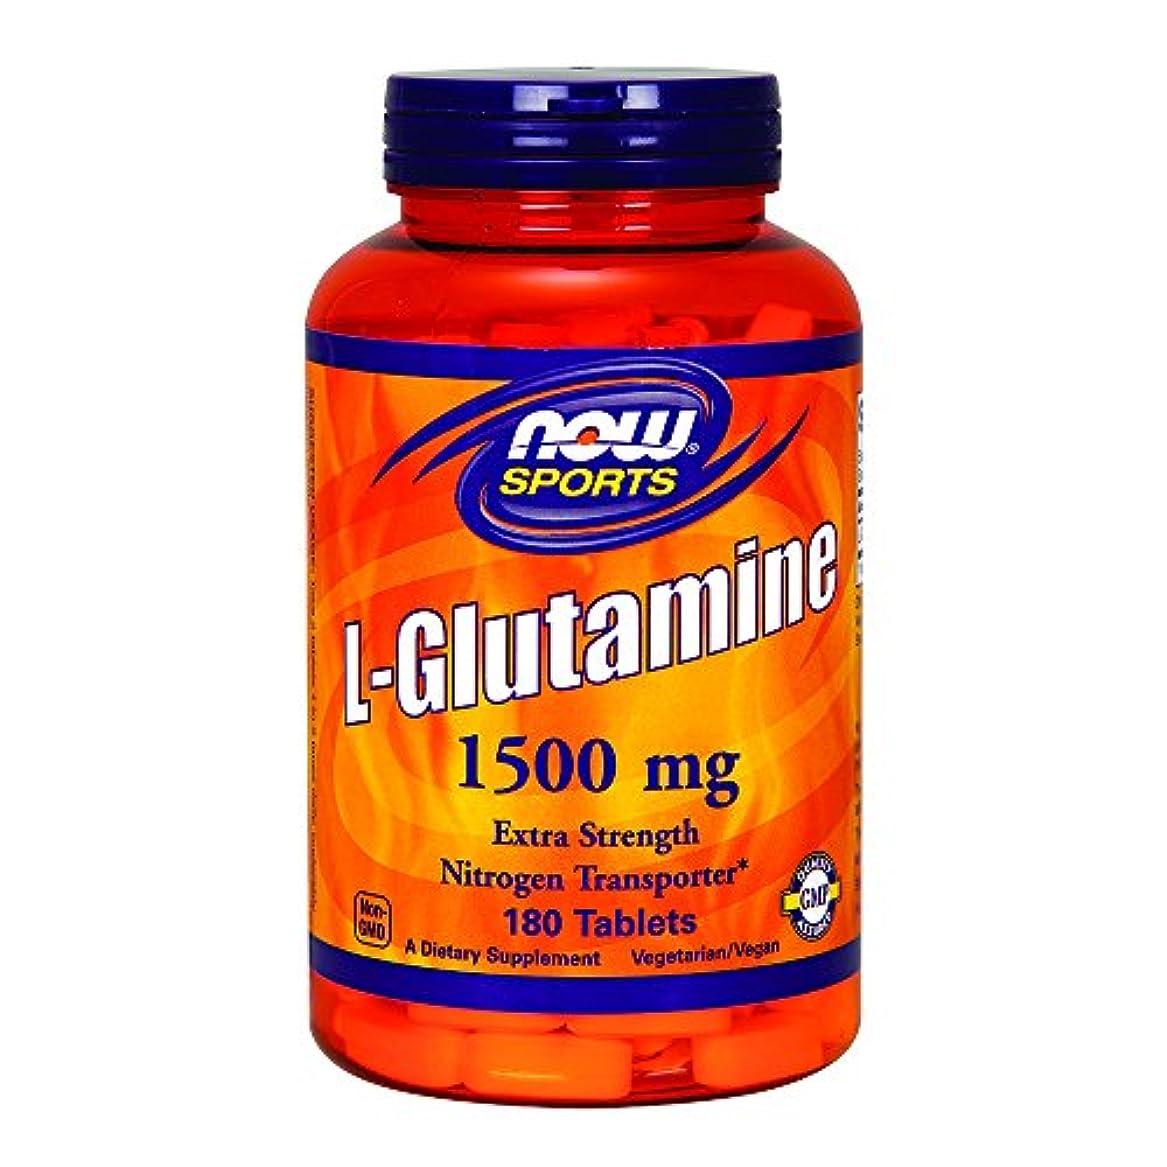 負担くぼみ仕える[海外直送品] ナウフーズ  - Lグルタミン 1500 mg。180錠剤